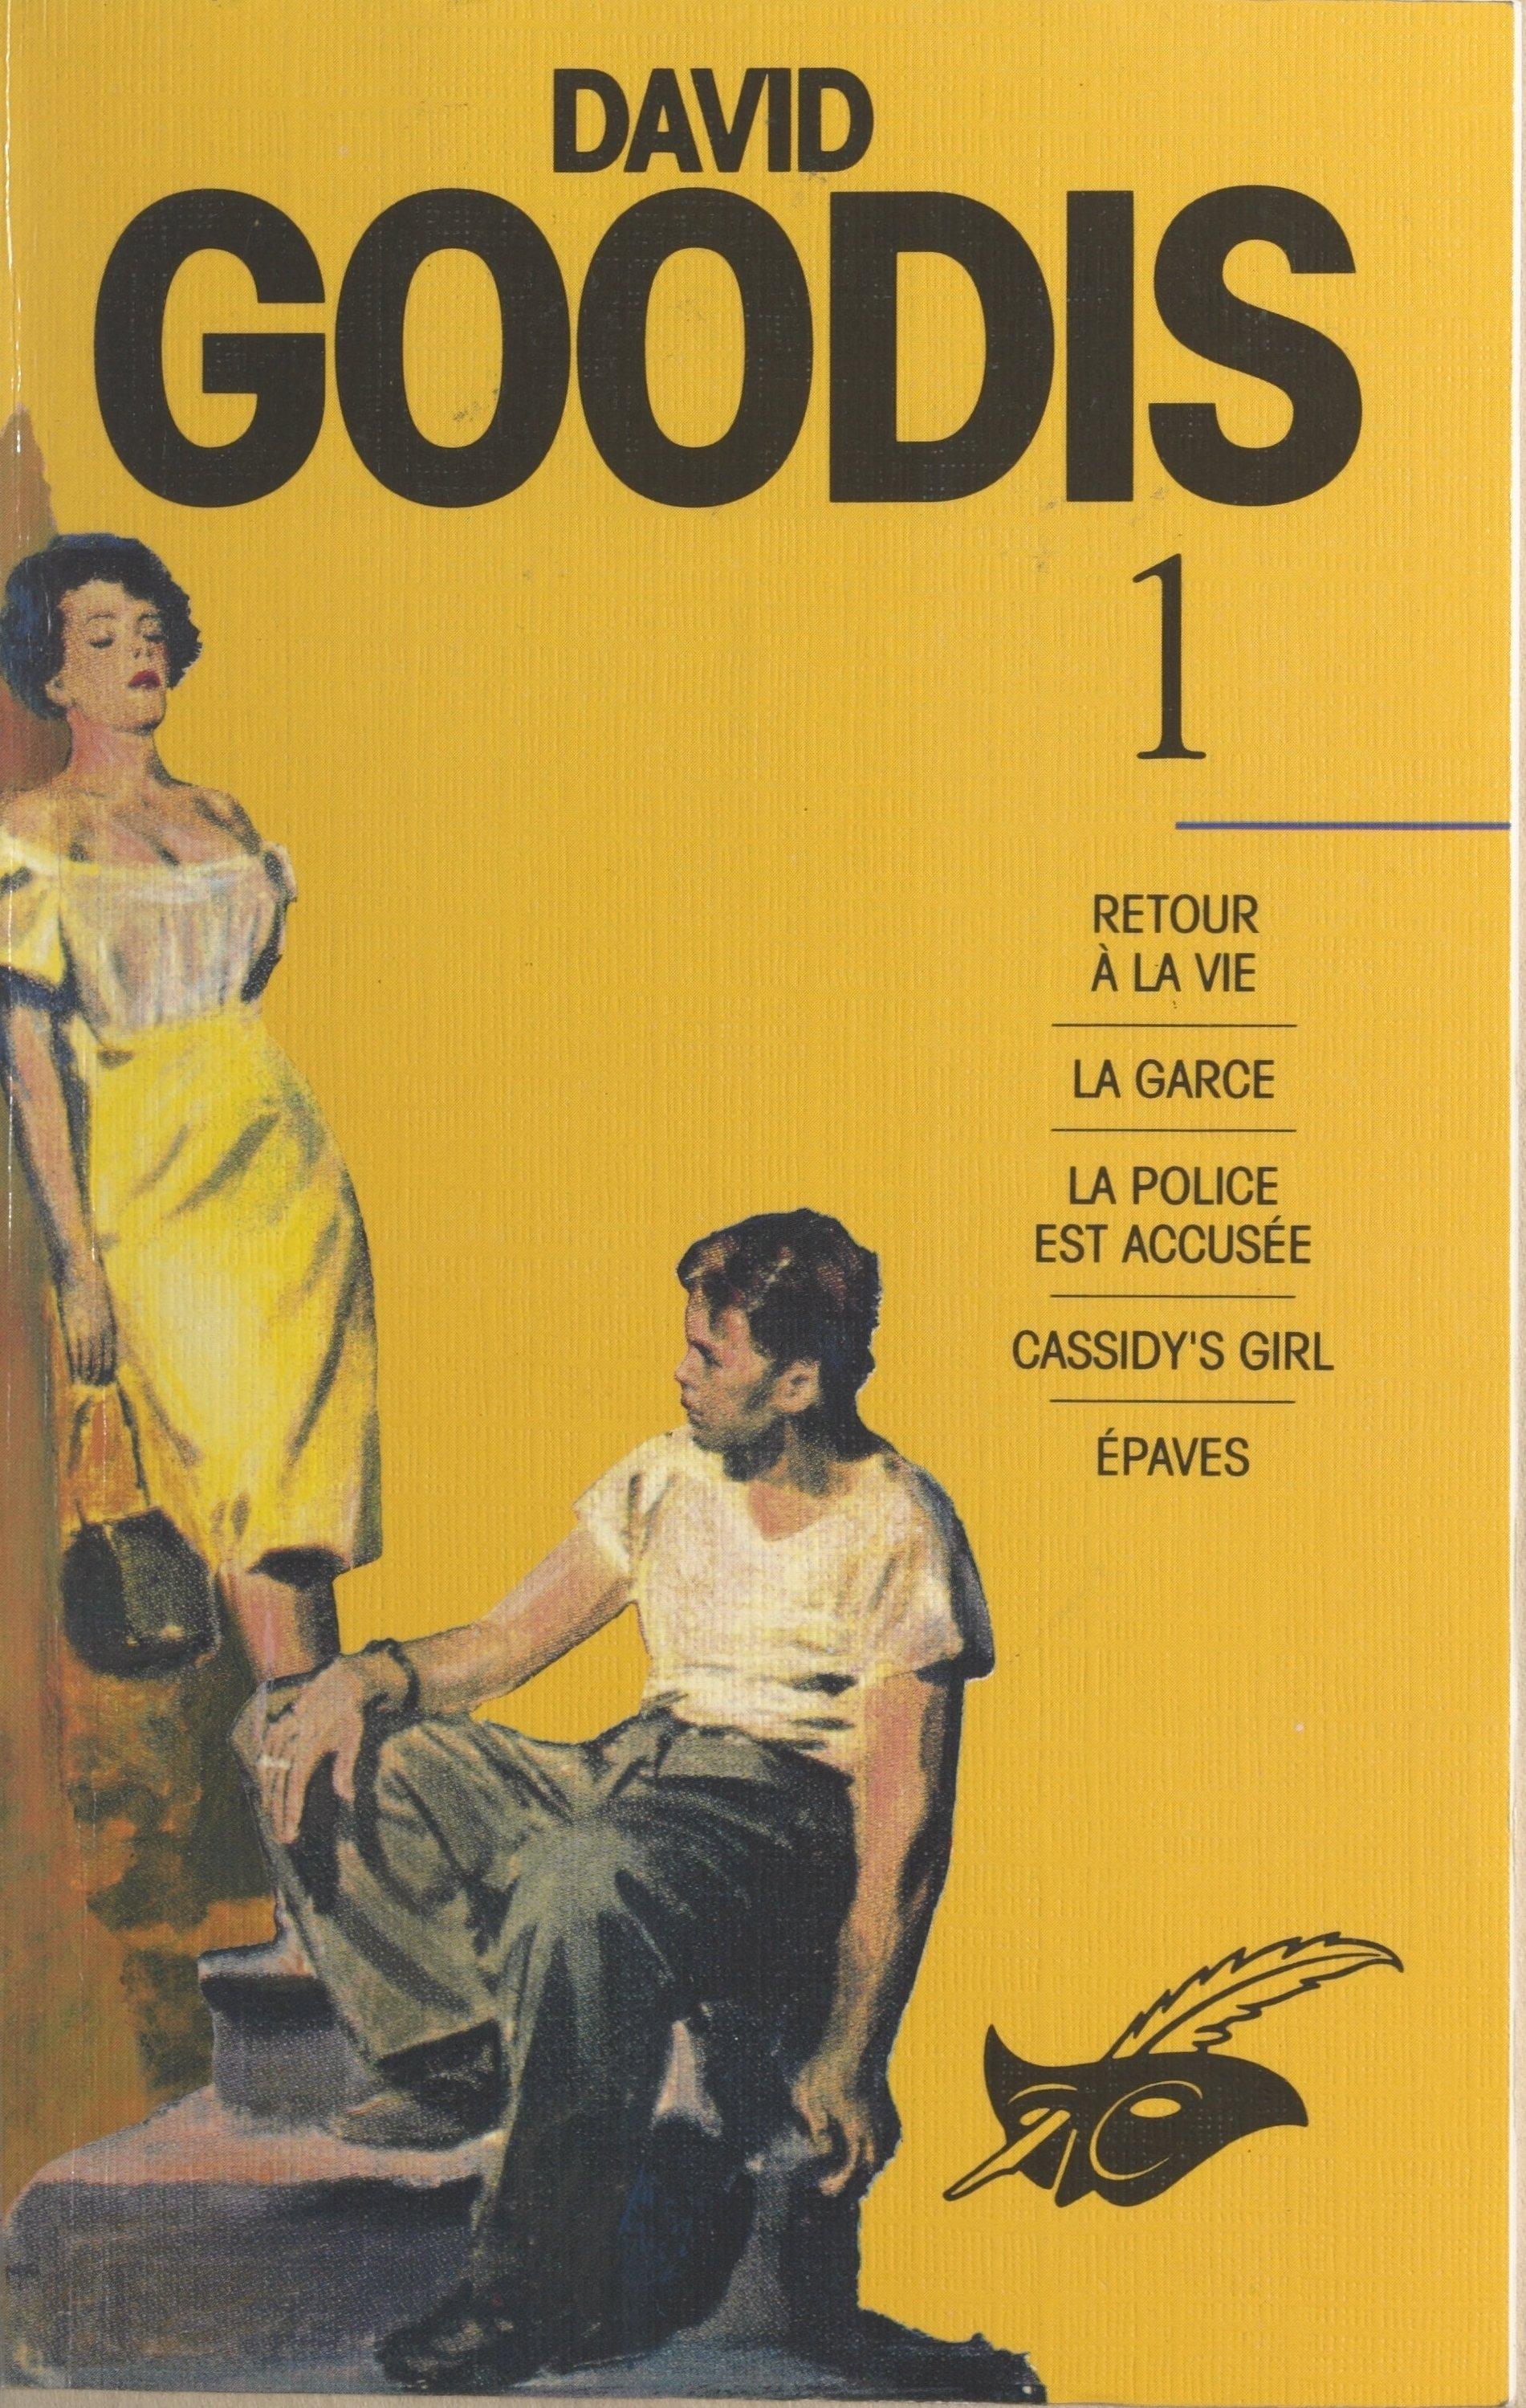 David Goodis (1)